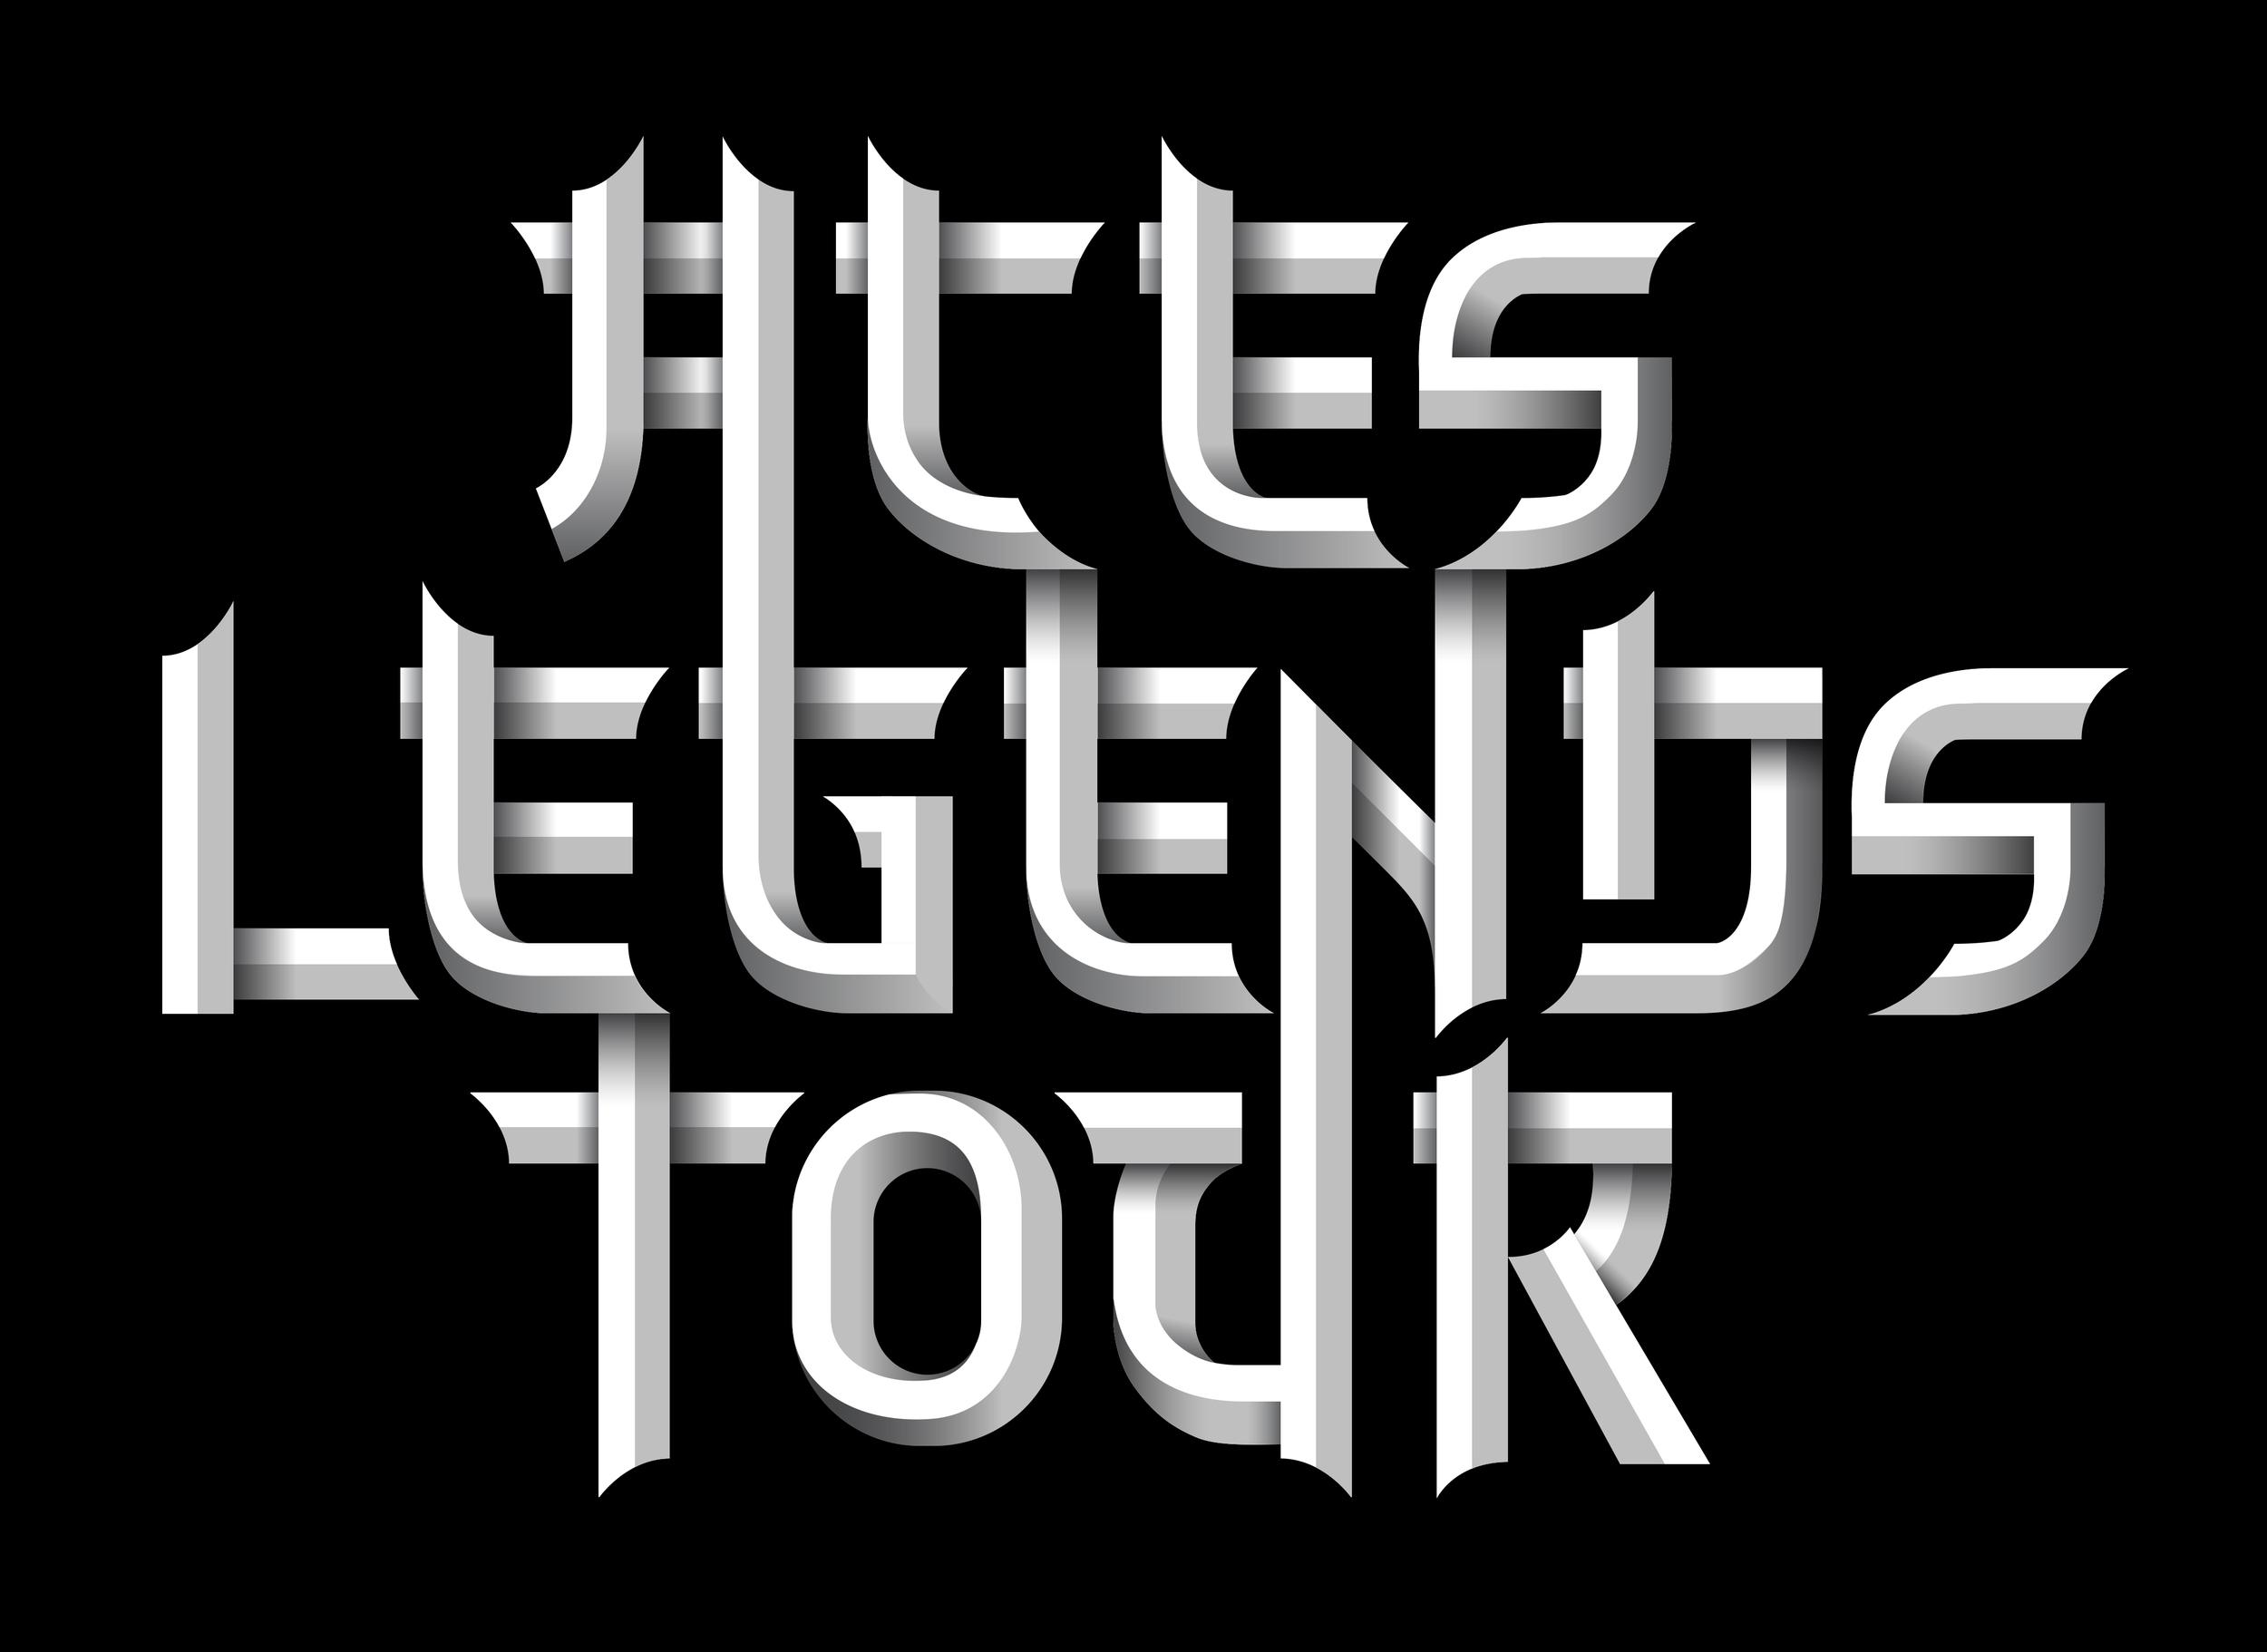 ...Aces Legends Tour font...